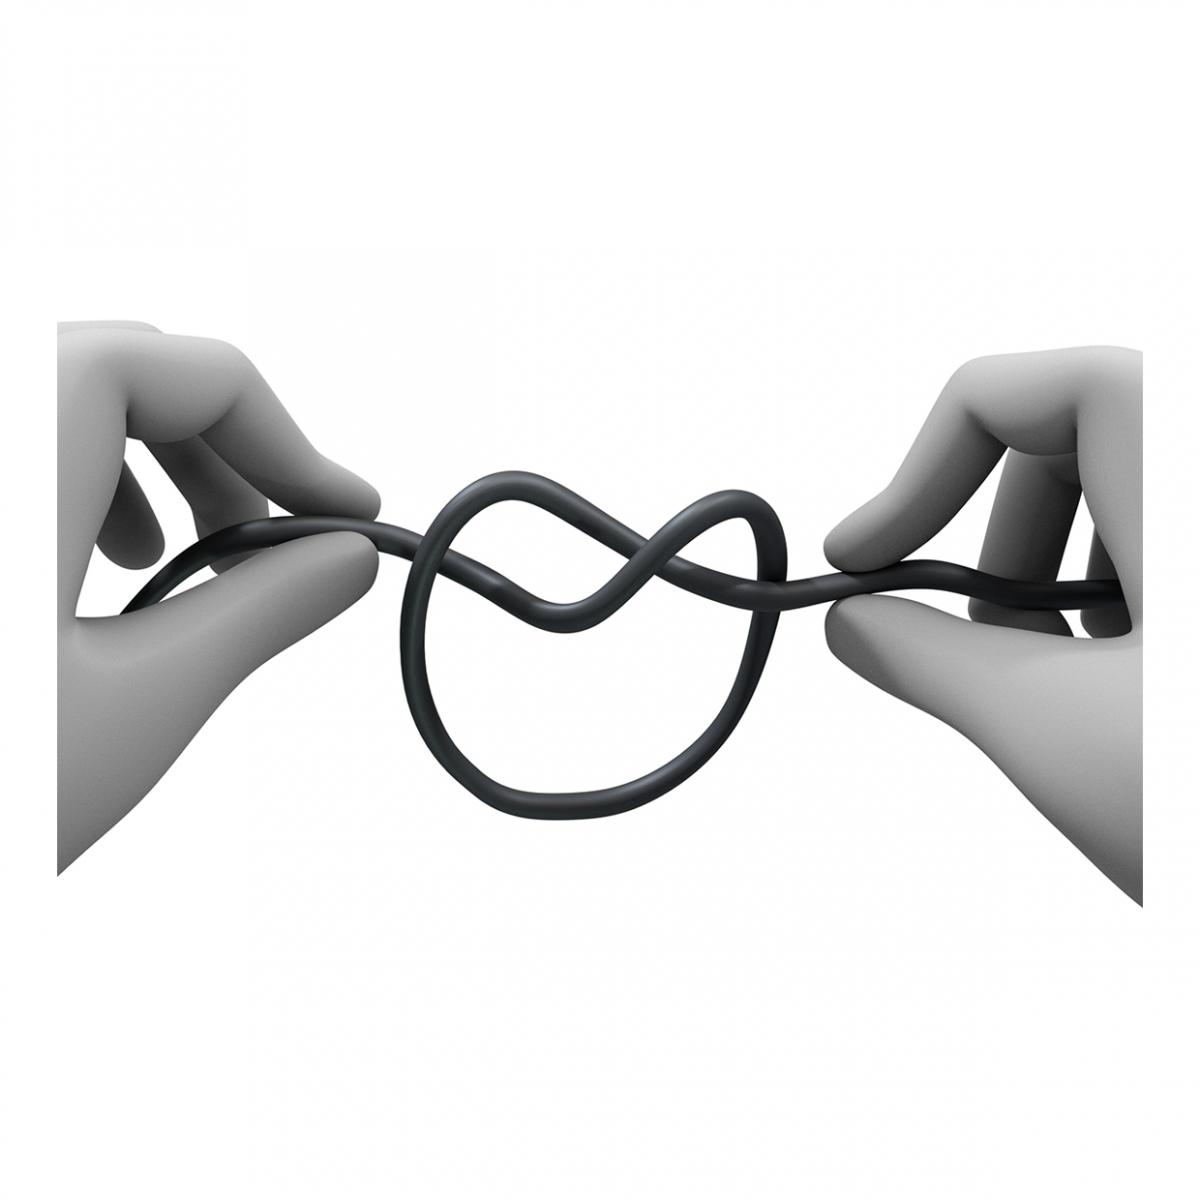 Imagen en la que dos manos están haciendo un nudo